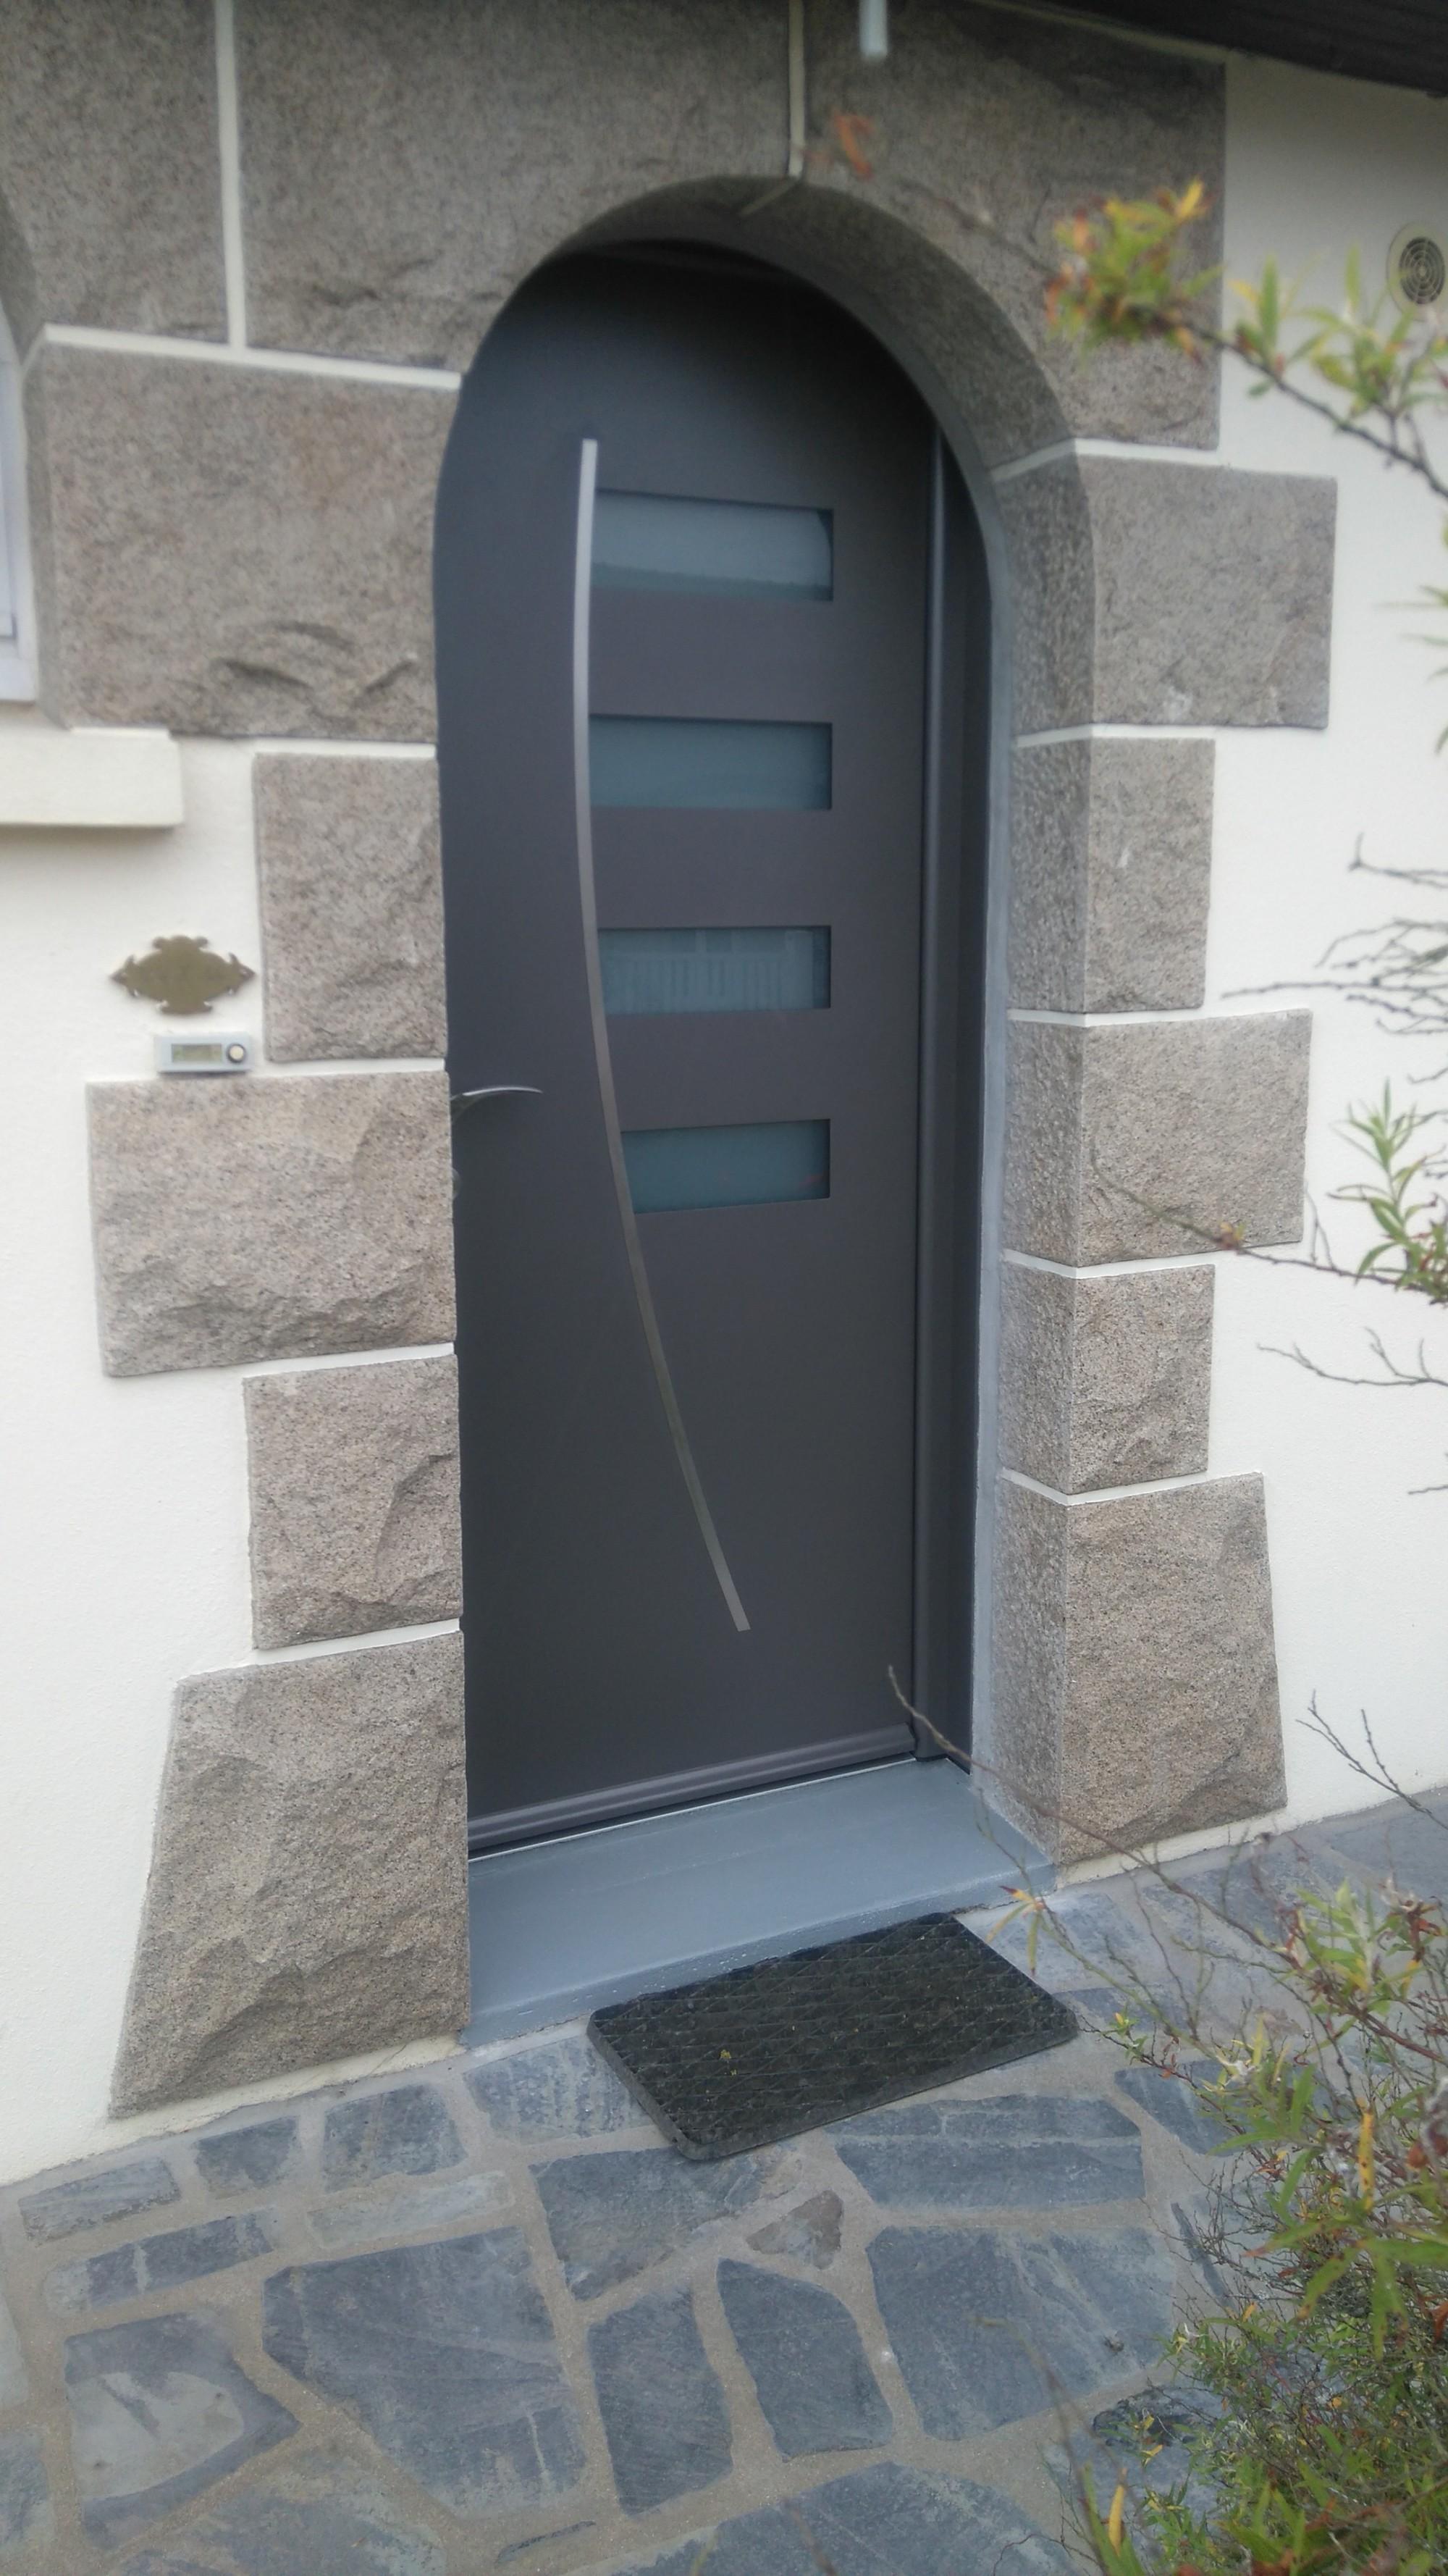 Porte d 39 entr e contemporaine en alu avec vitrage pordic for Porte fenetre arrondie